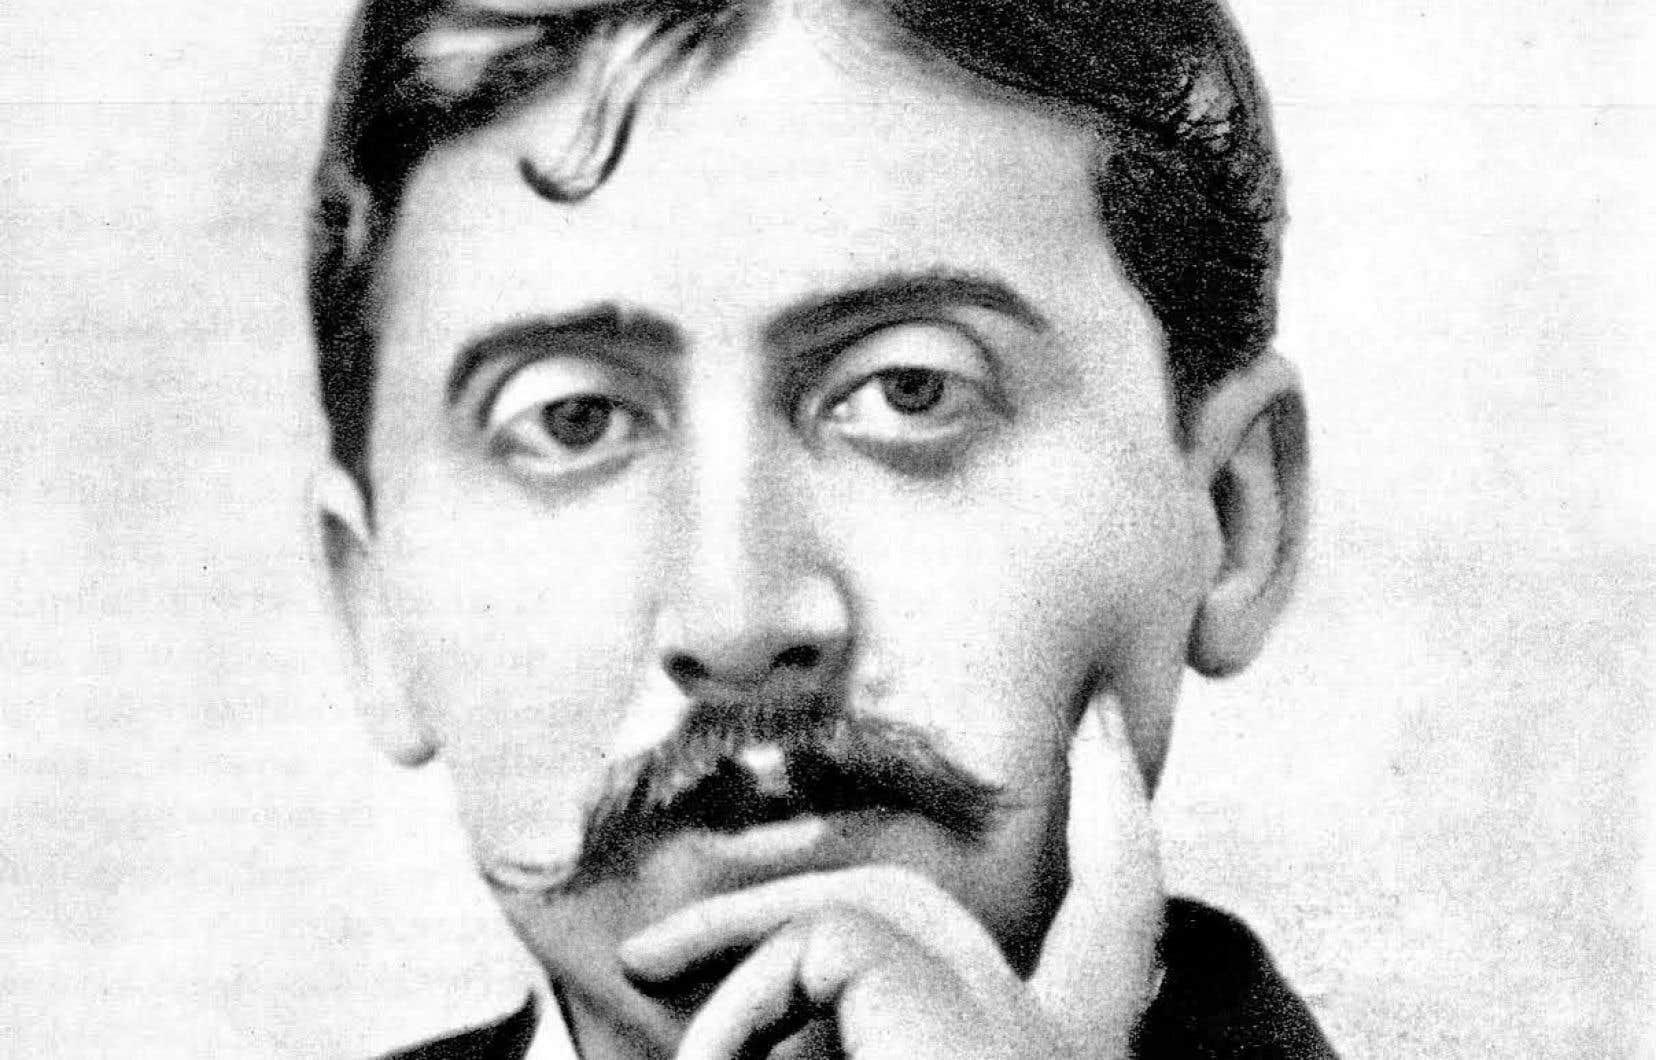 Le personnage du musicien et compositeur Georges Vinteuil a permis à Marcel Proust (notre photo) d'exposer dans son roman ses réflexions sur l'art.